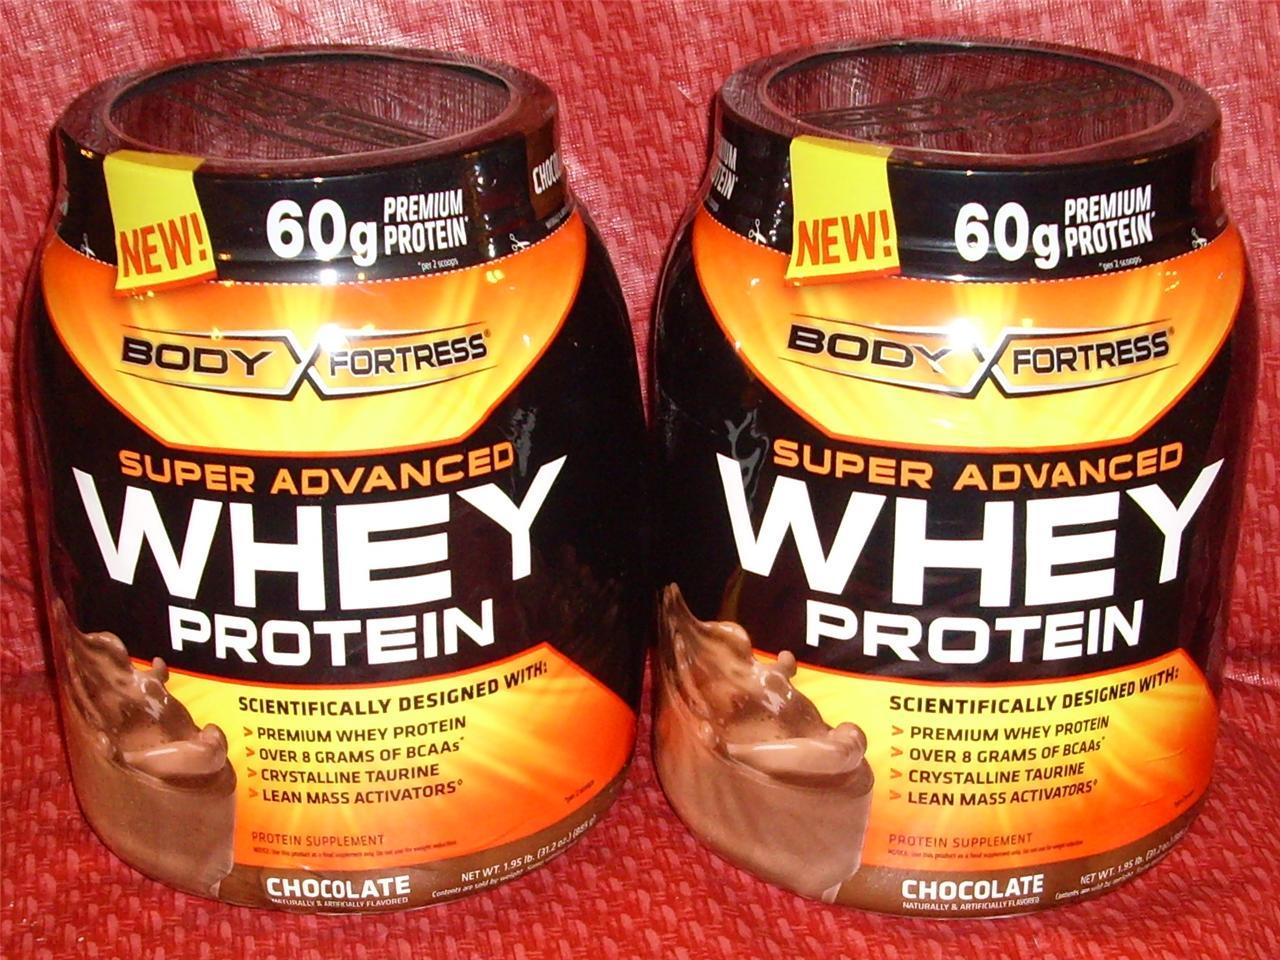 Whey protein 60g